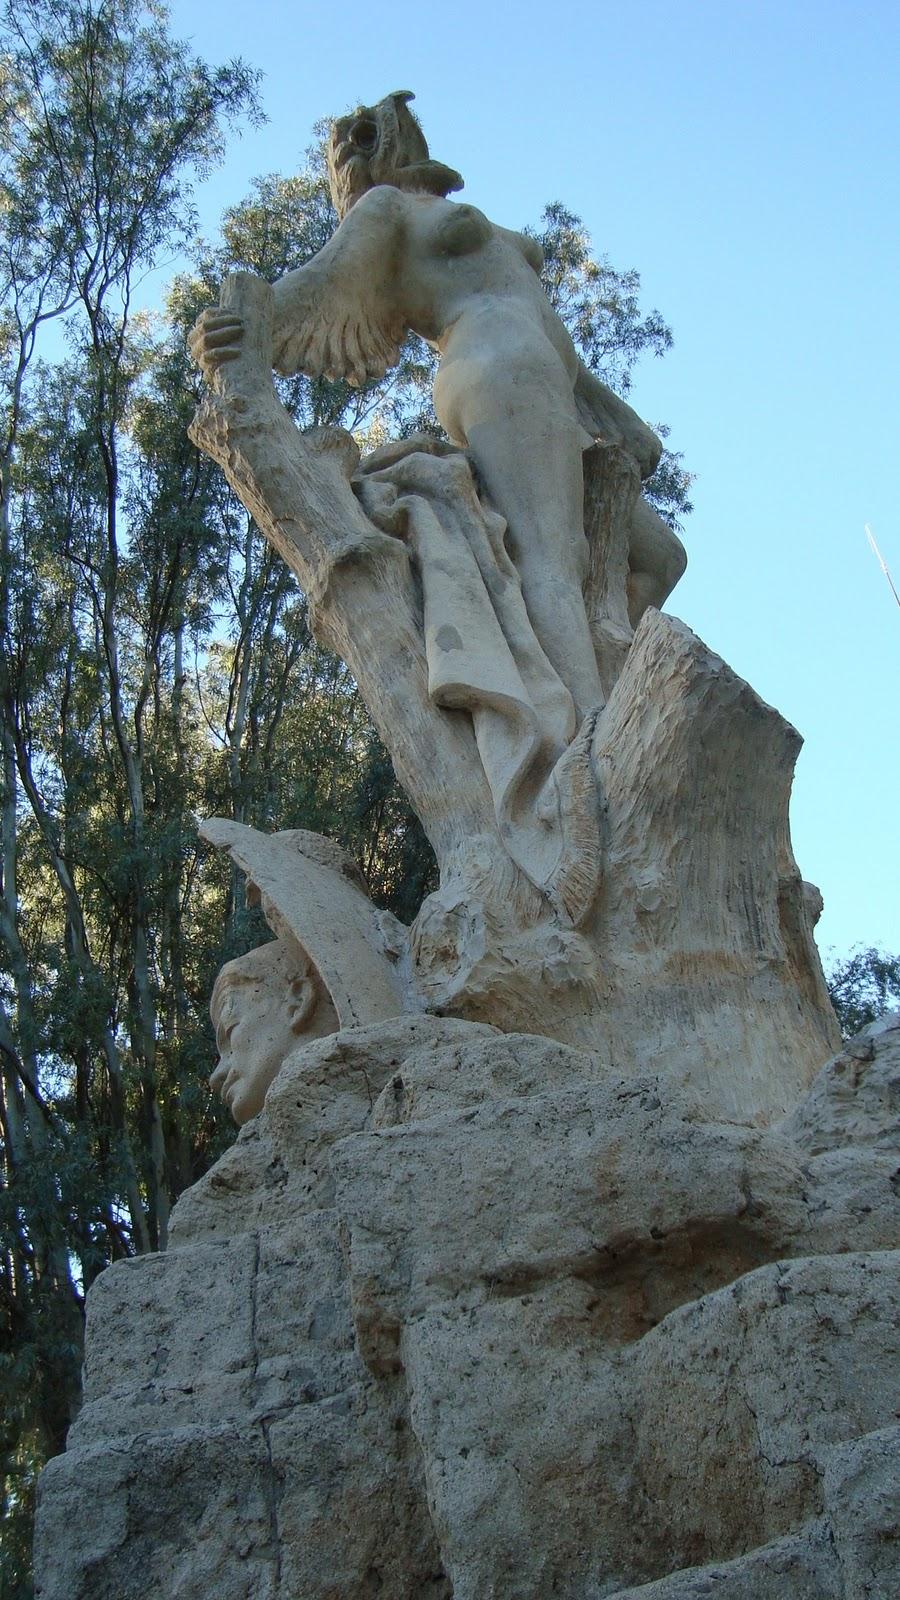 Leyendas de los pueblos originarios  del noroeste argentino